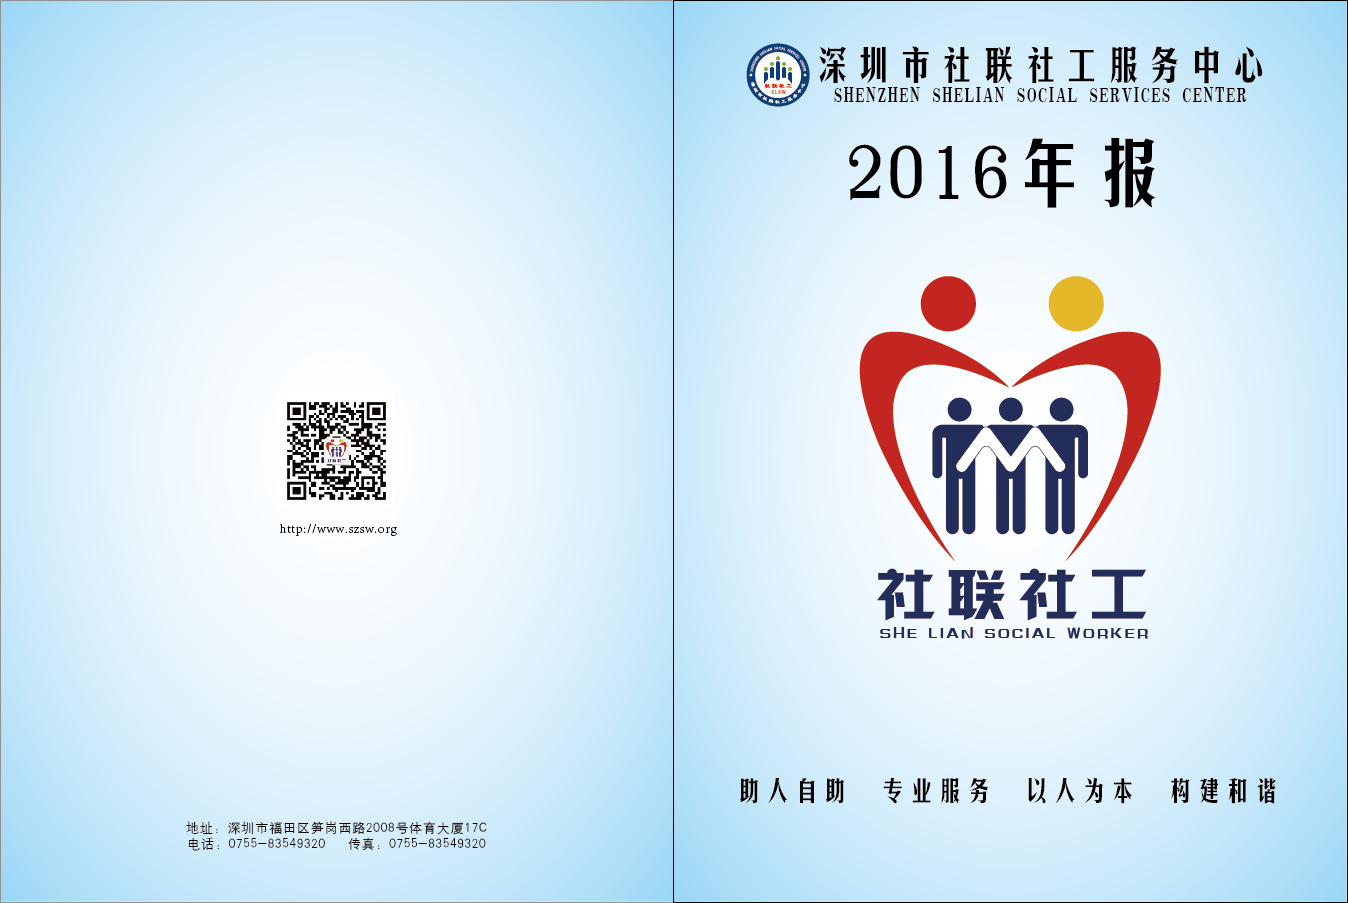 2016年年度工作报告